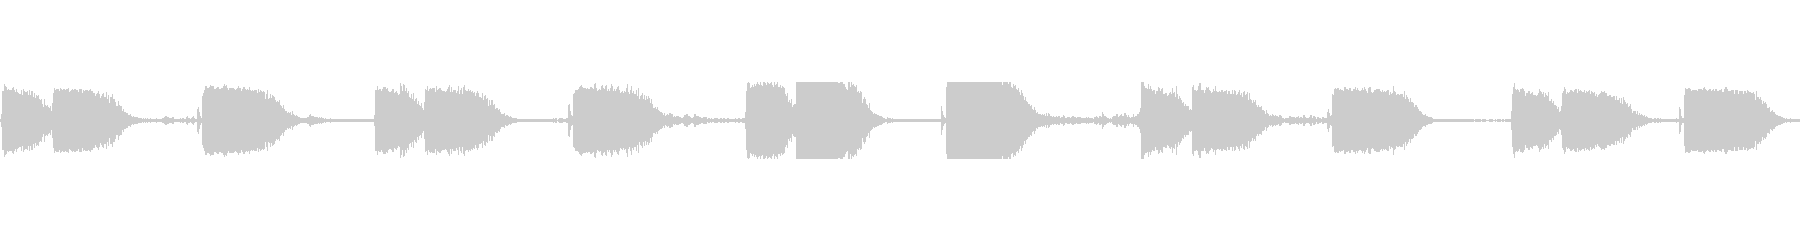 機械コンプレッサー空気ヒスマルの未再生の波形